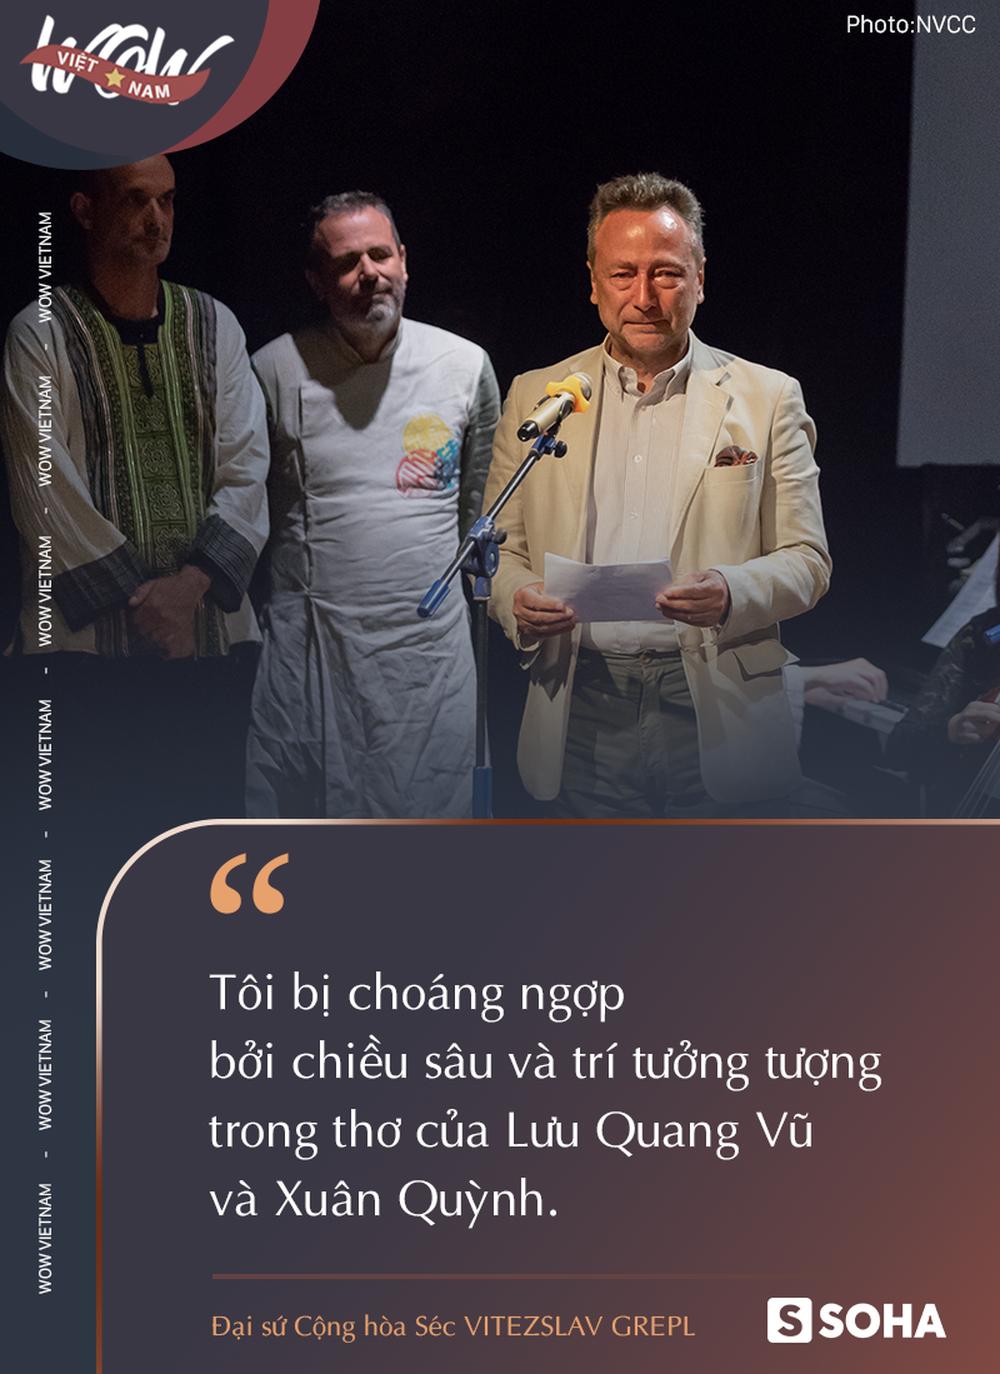 Đại sứ Cộng hòa Séc tại Việt Nam: Tôi không ngờ số phận bi thảm của Lưu Quang Vũ và Xuân Quỳnh sẽ tác động sâu sắc đến mình như vậy - Ảnh 2.